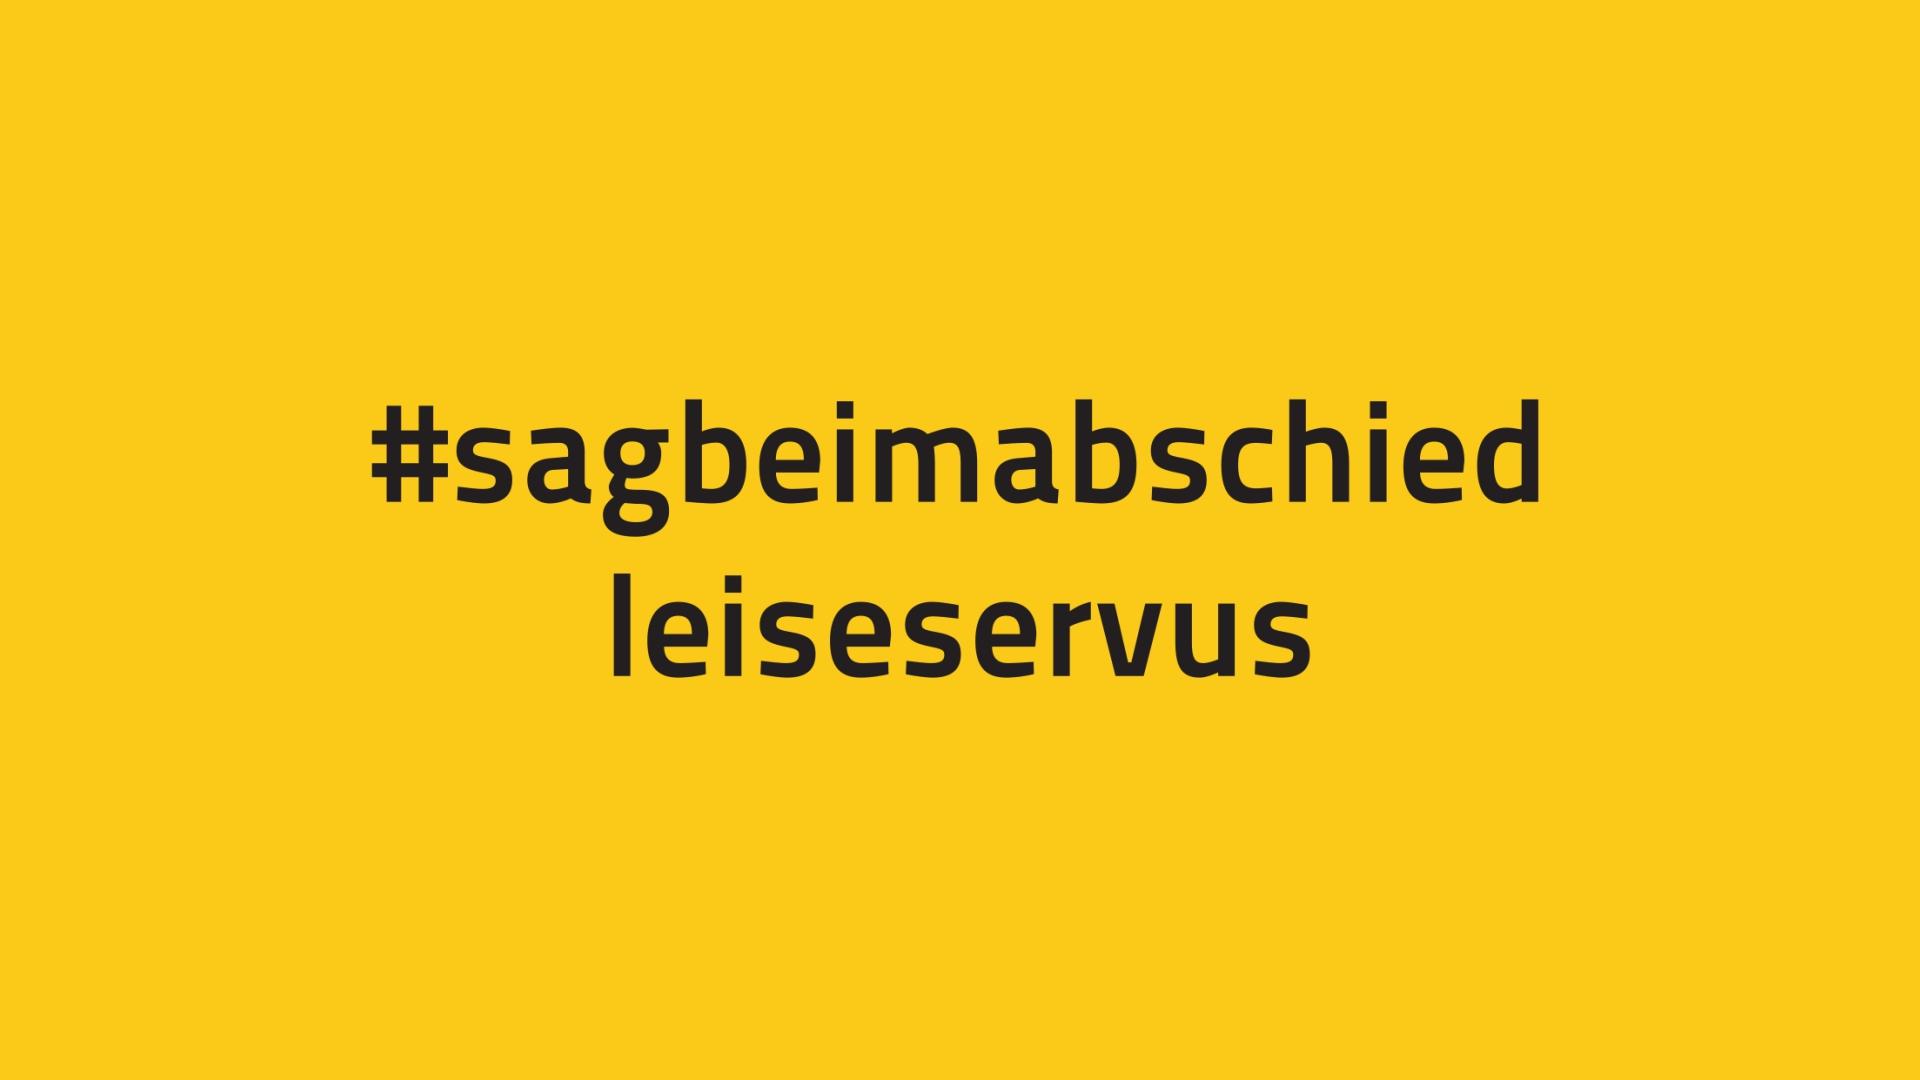 #sagbeimabschiedleiseservus | Öffentlichkeitsarbeit für die Musikschulen im VdM Hessen